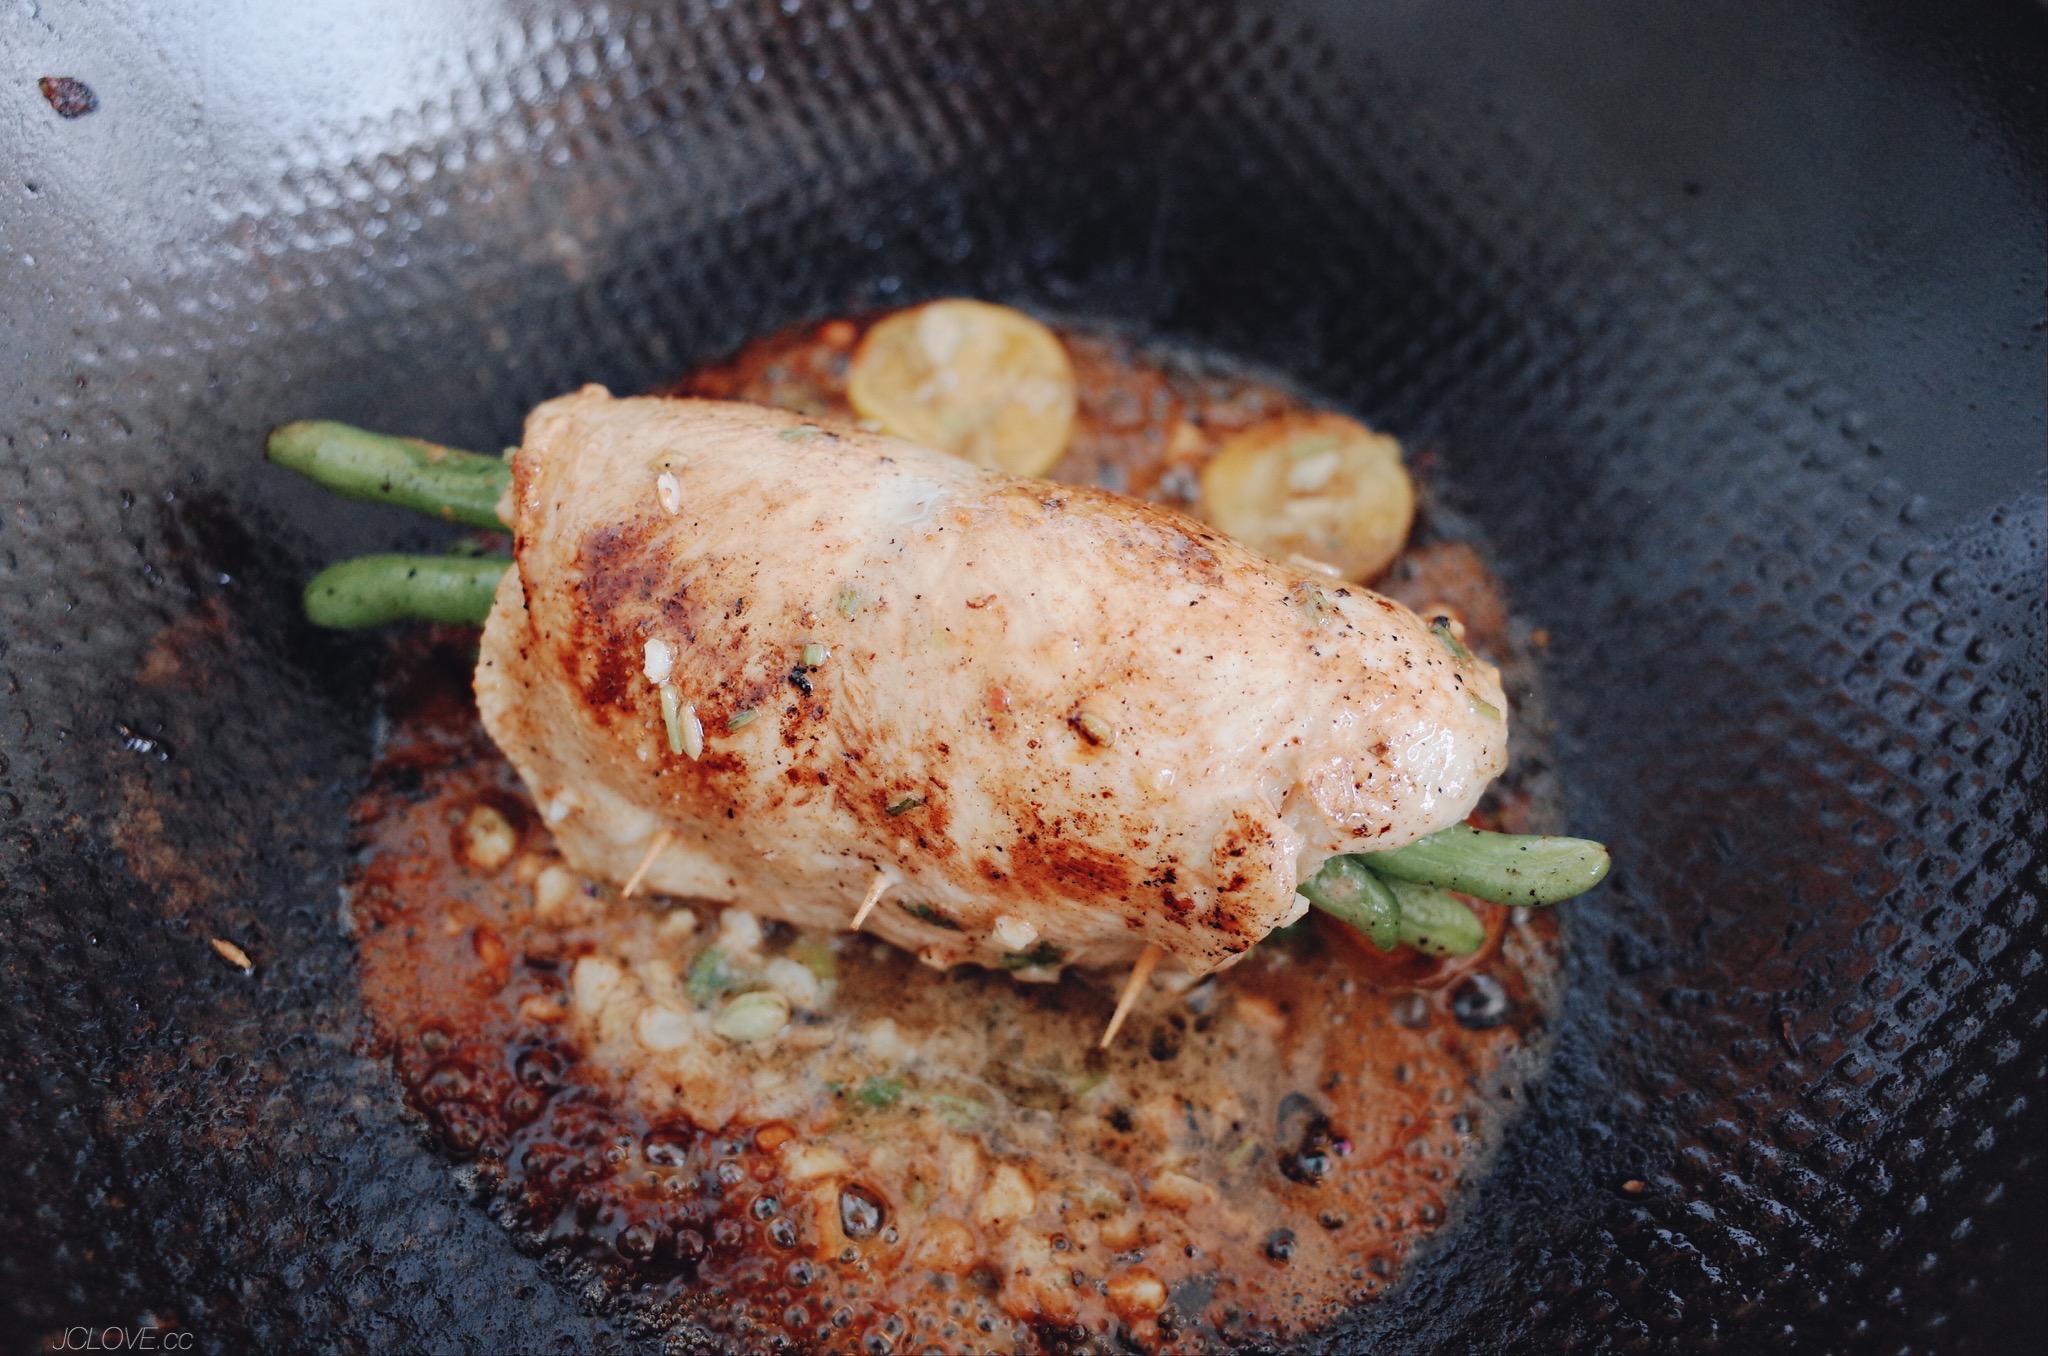 5. 快煎熟透時可將醃料大蒜末和幾片金桔片放入鍋中一起煮。 6. 盛盤後可撒些帕瑪森起司條一起吃。